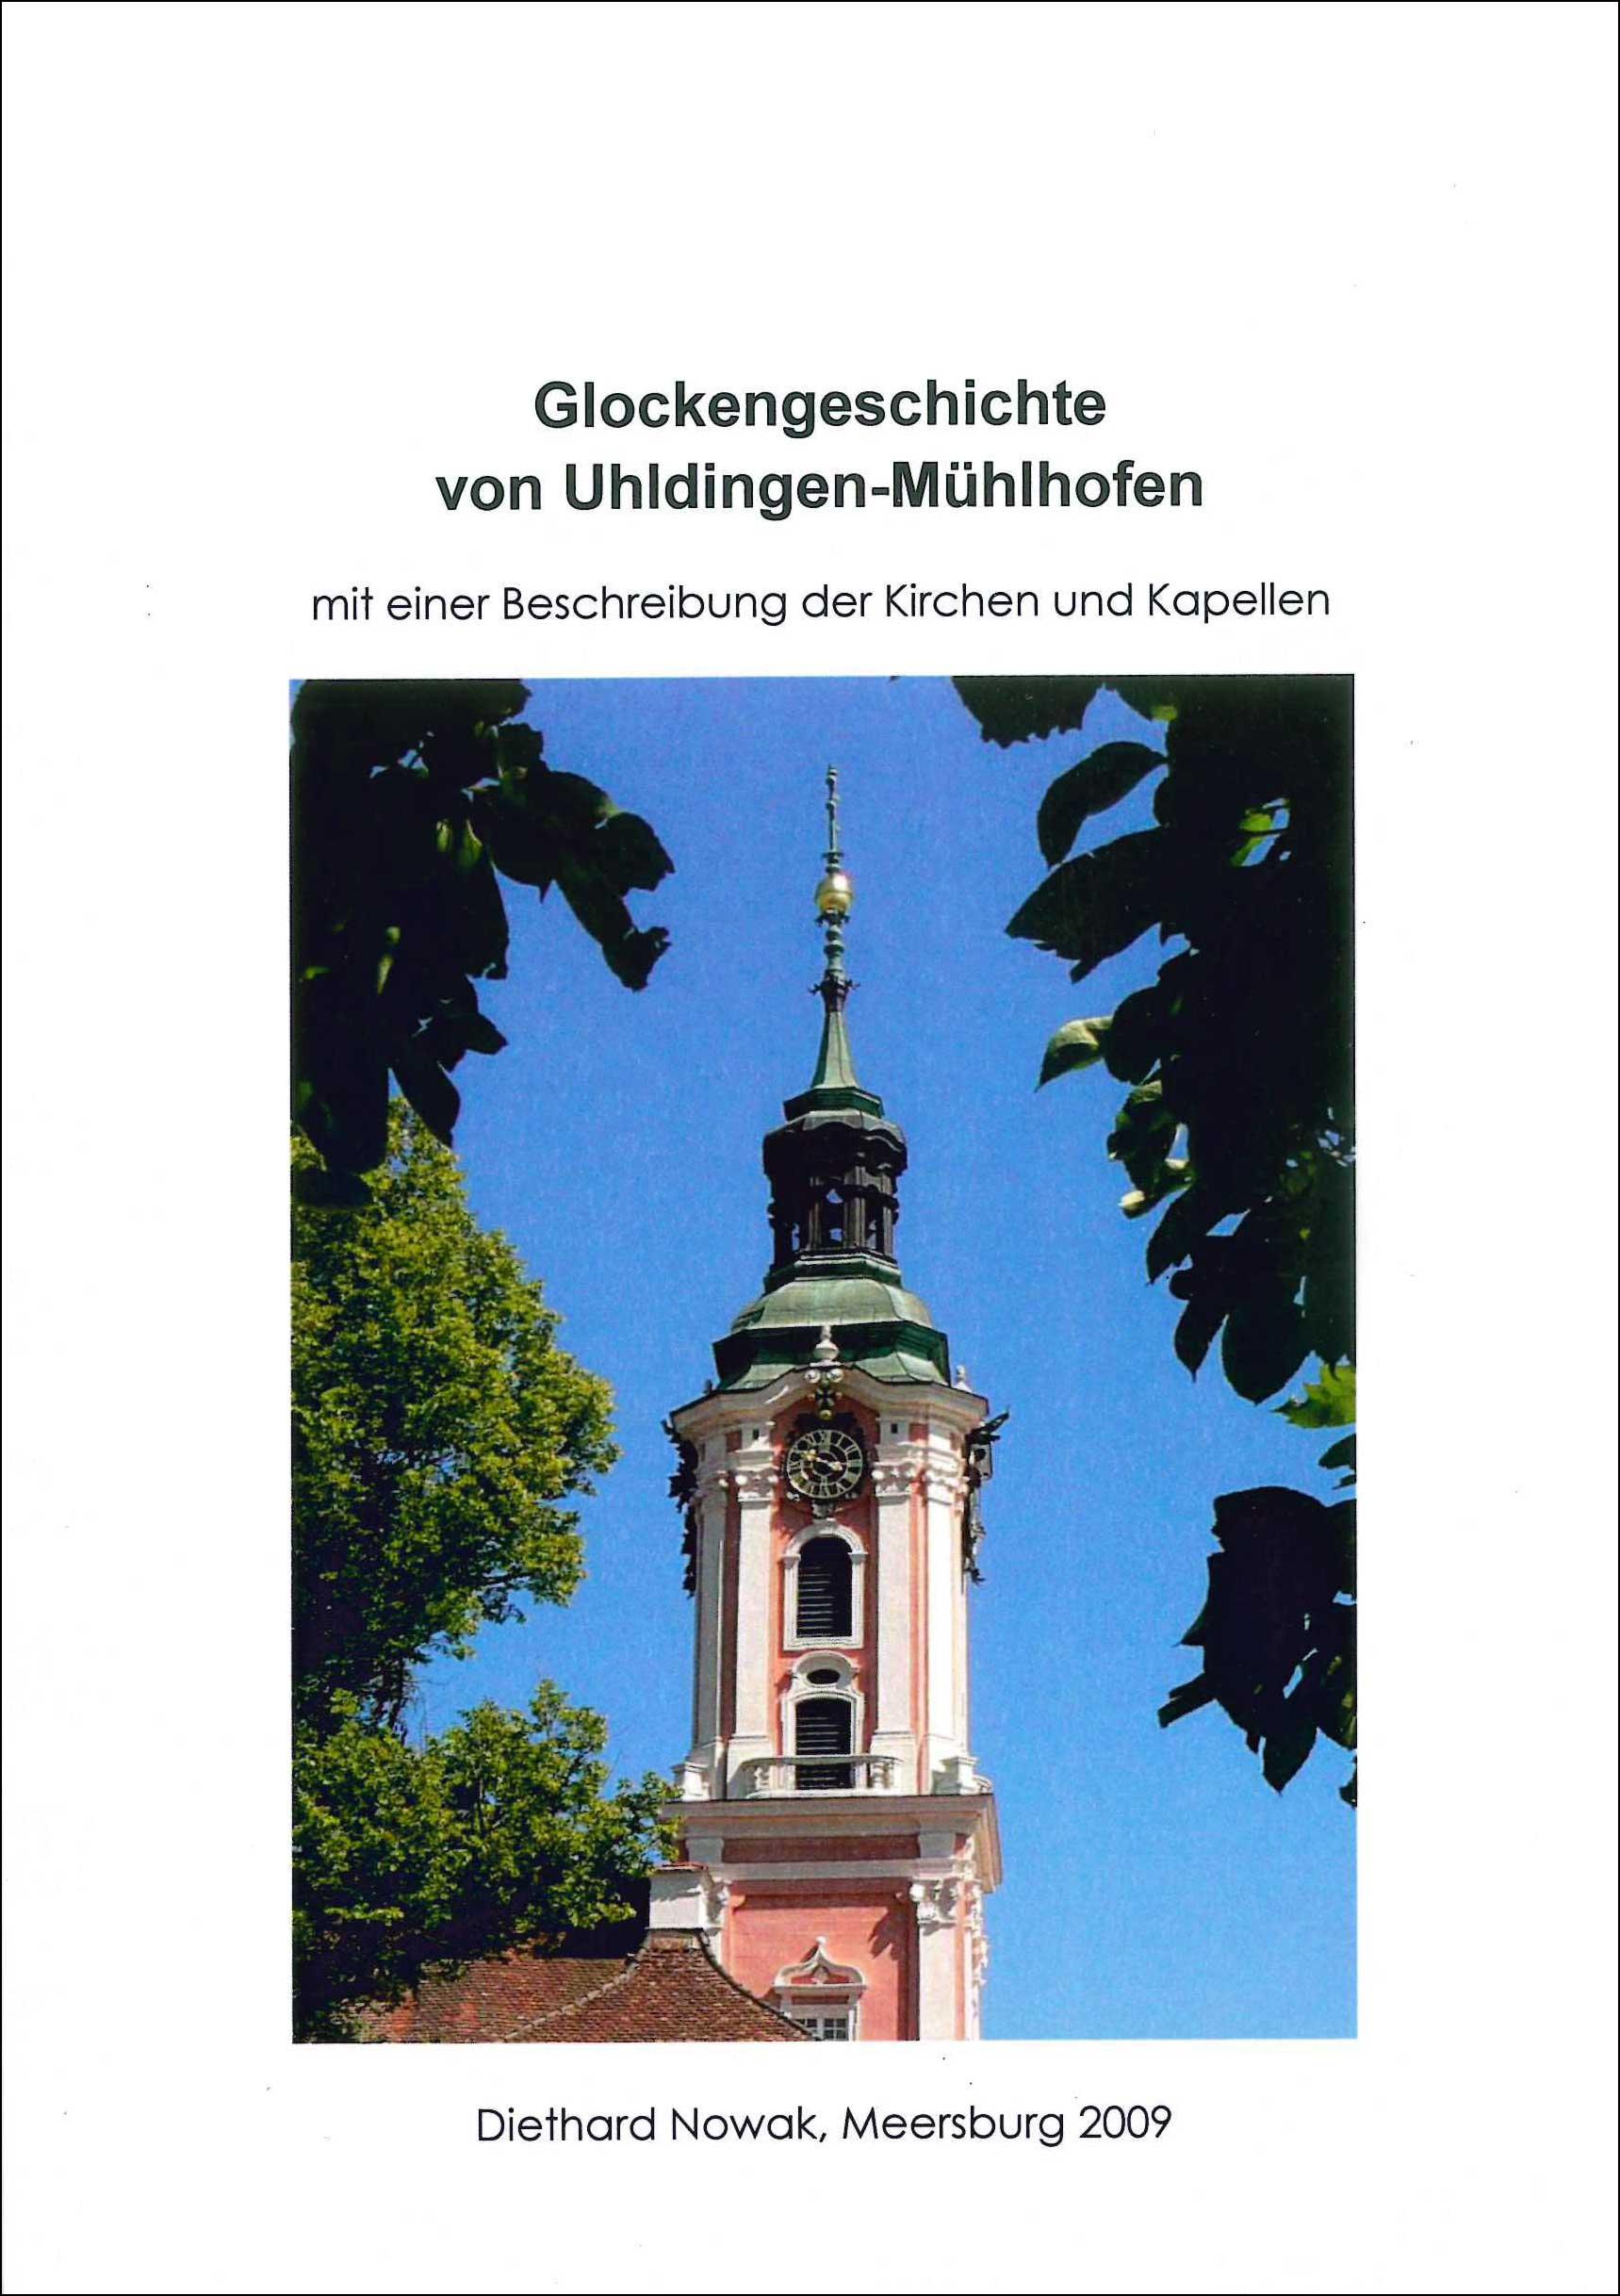 Buchvoderseite mit dem Glockenturm von Birnau